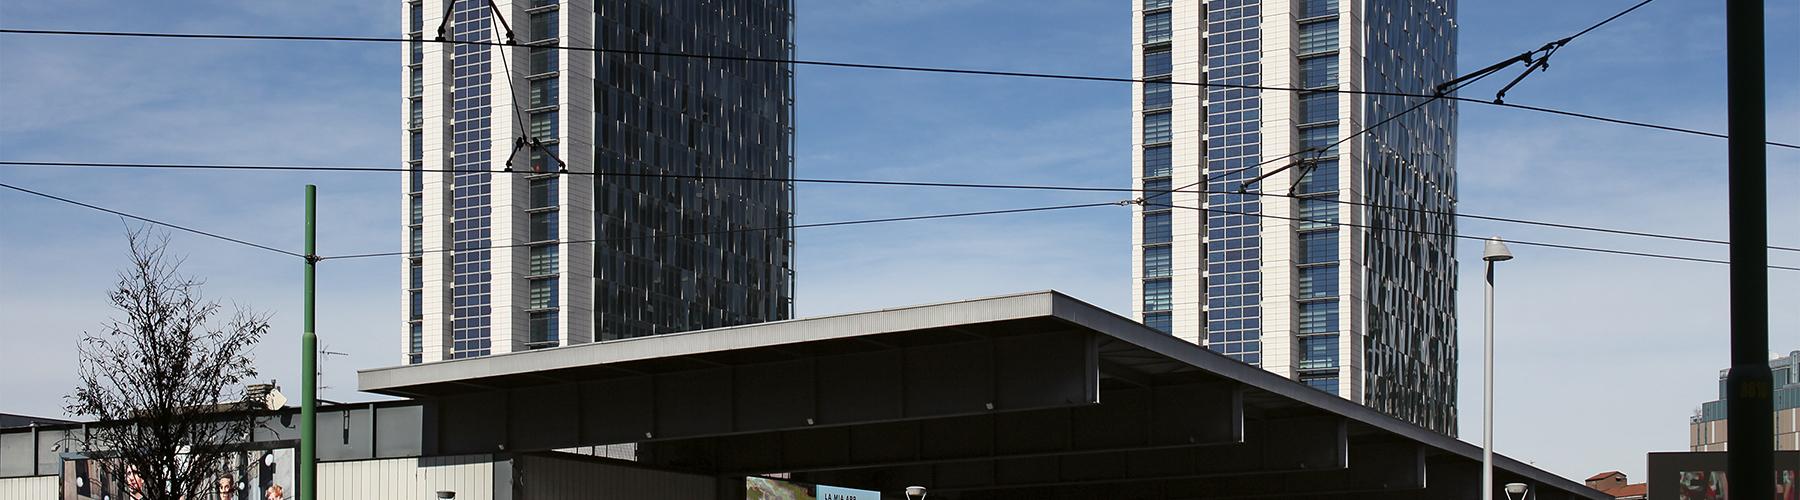 Mailand – Hostels in der Nähe von Mailand Porta Garibaldi Bahnhof. Mailand auf der Karte. Fotos und Bewertungen für jedes Hostel in Mailand.